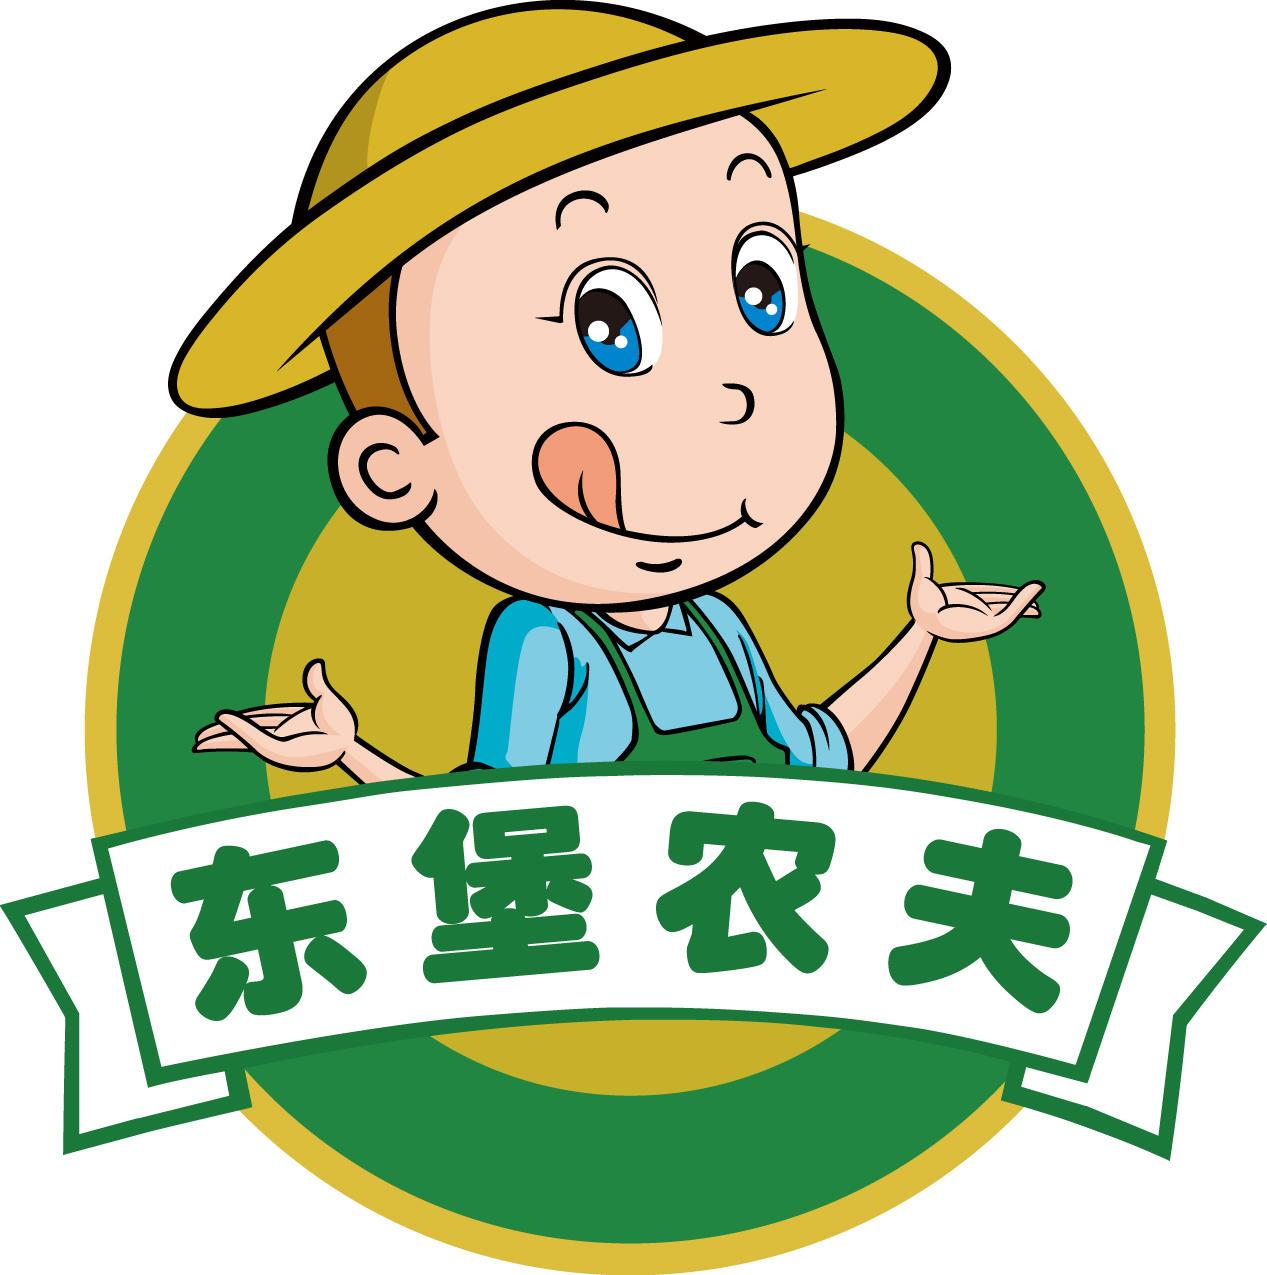 农夫logo_店铺logo